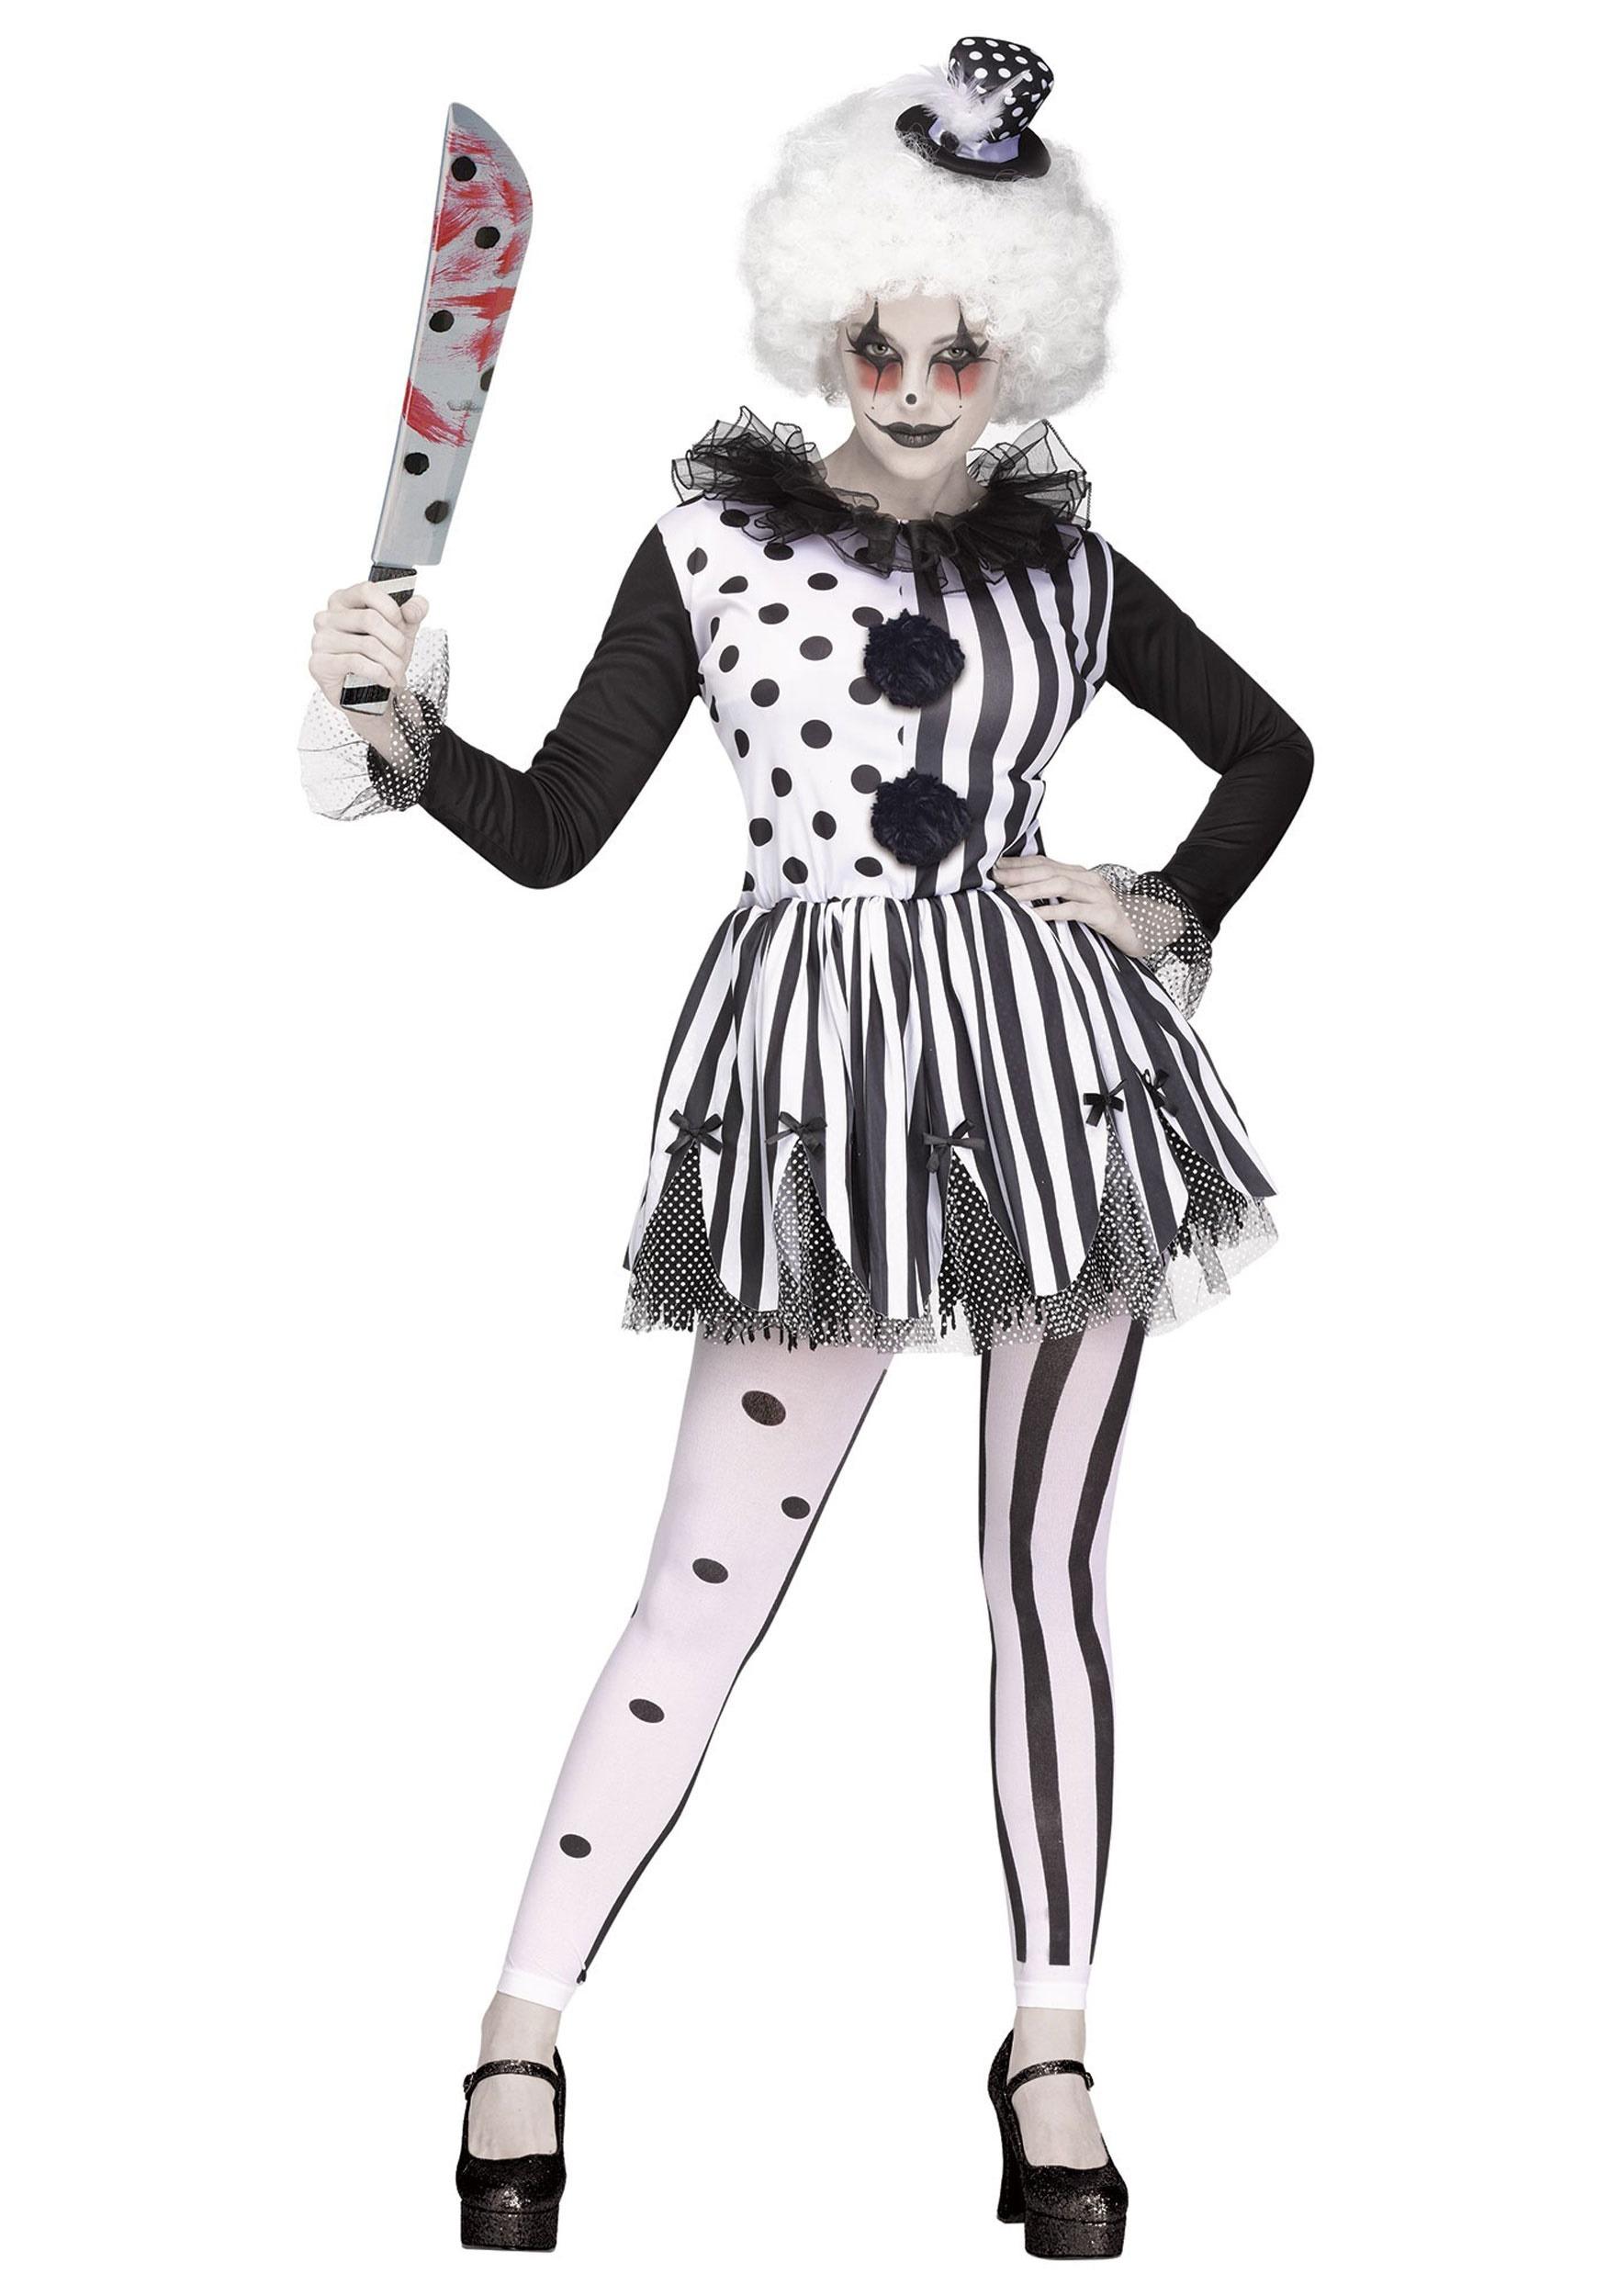 Killer Clown Costume for Women